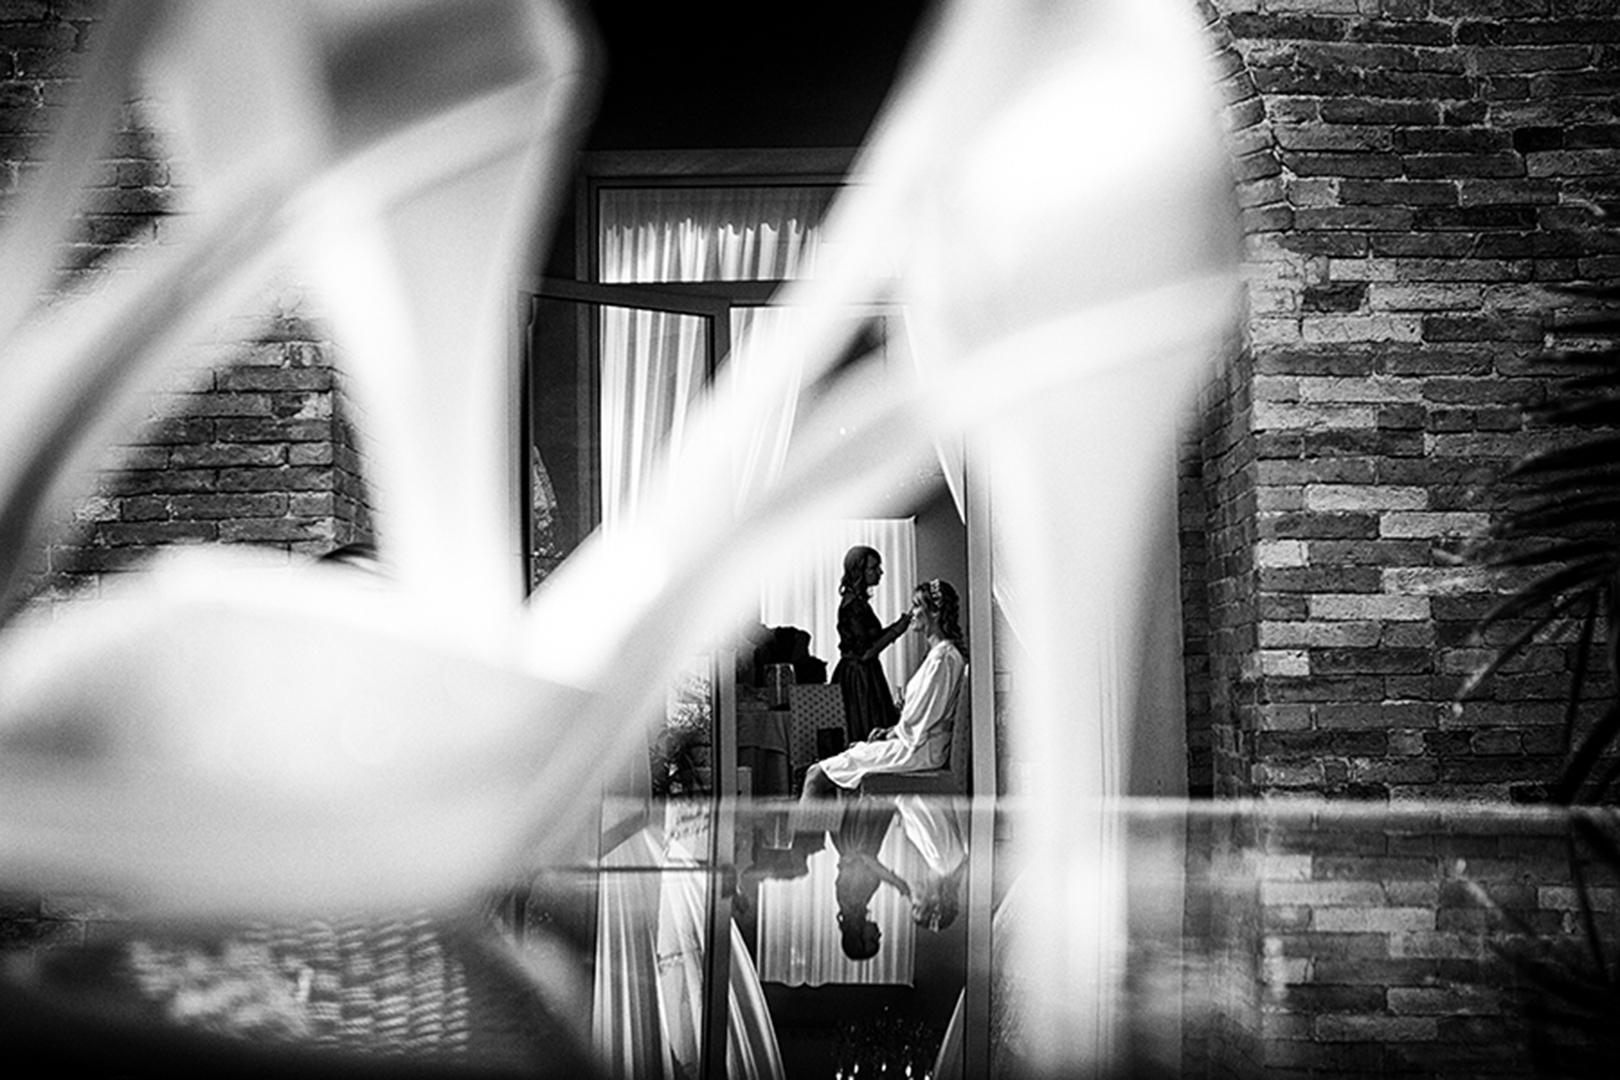 gianni-lepore-getting-ready-trucco-sposa-preparativi